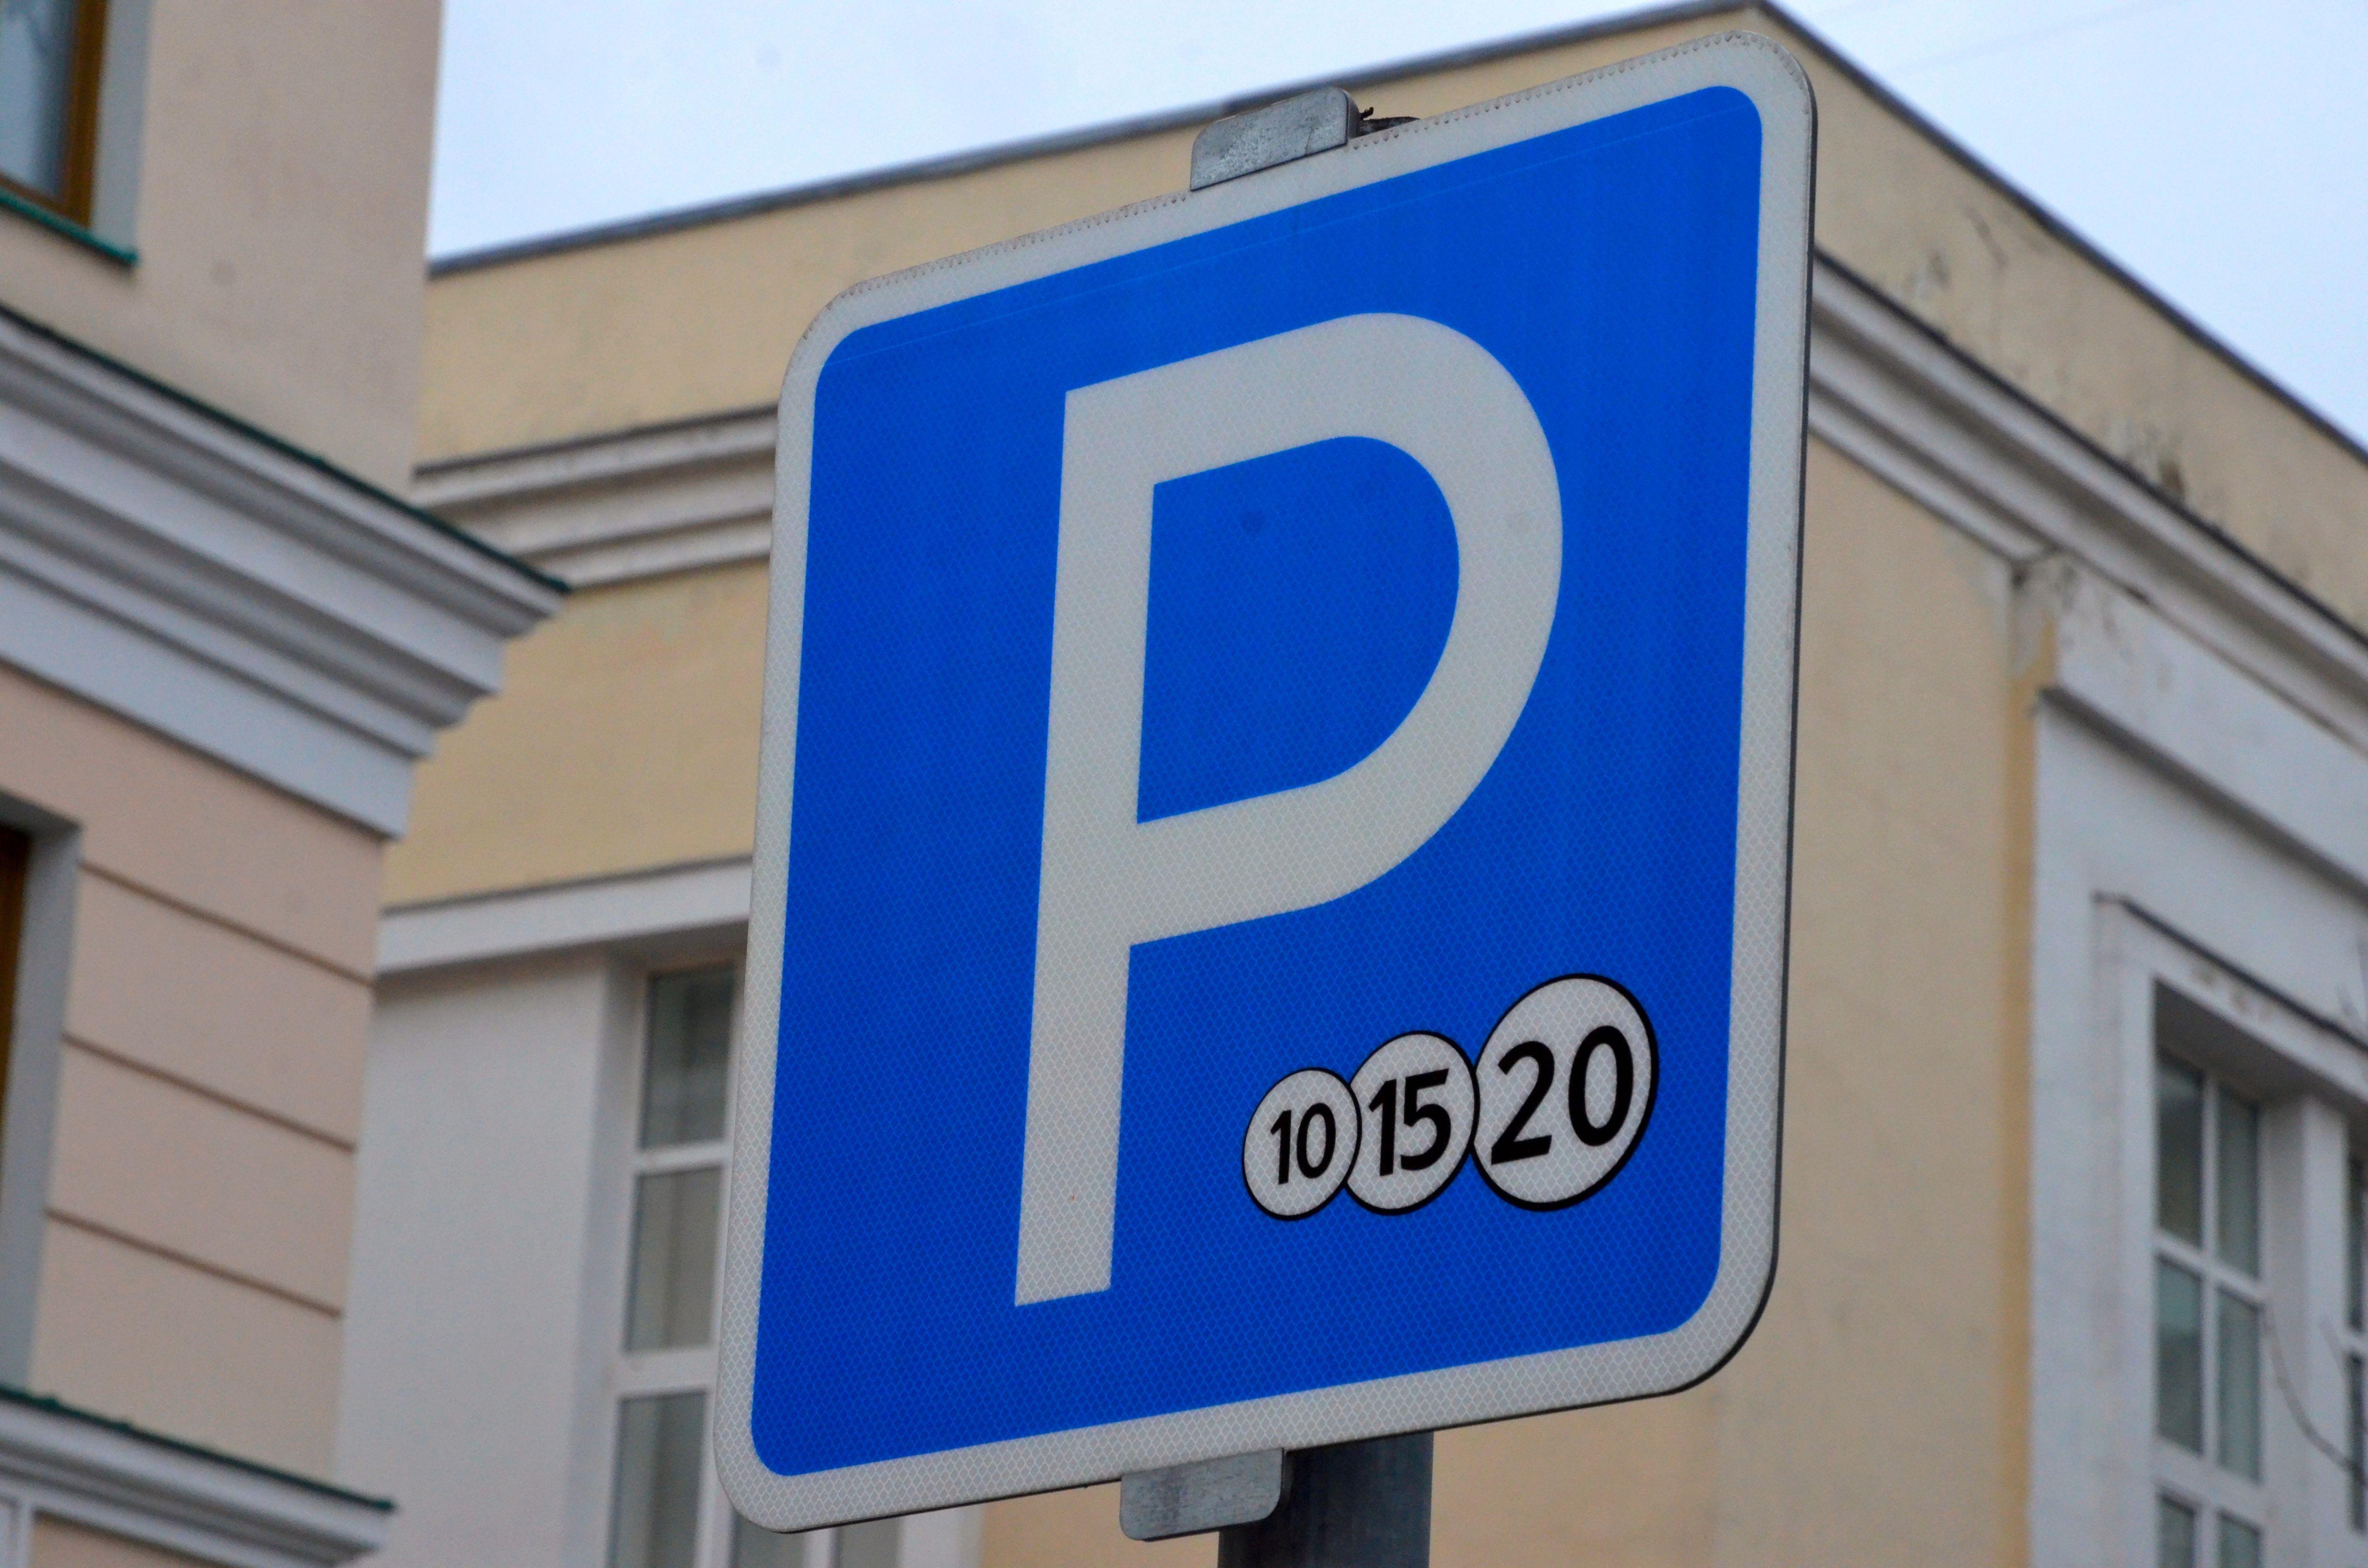 Городские парковки станут бесплатными на новогодних праздниках